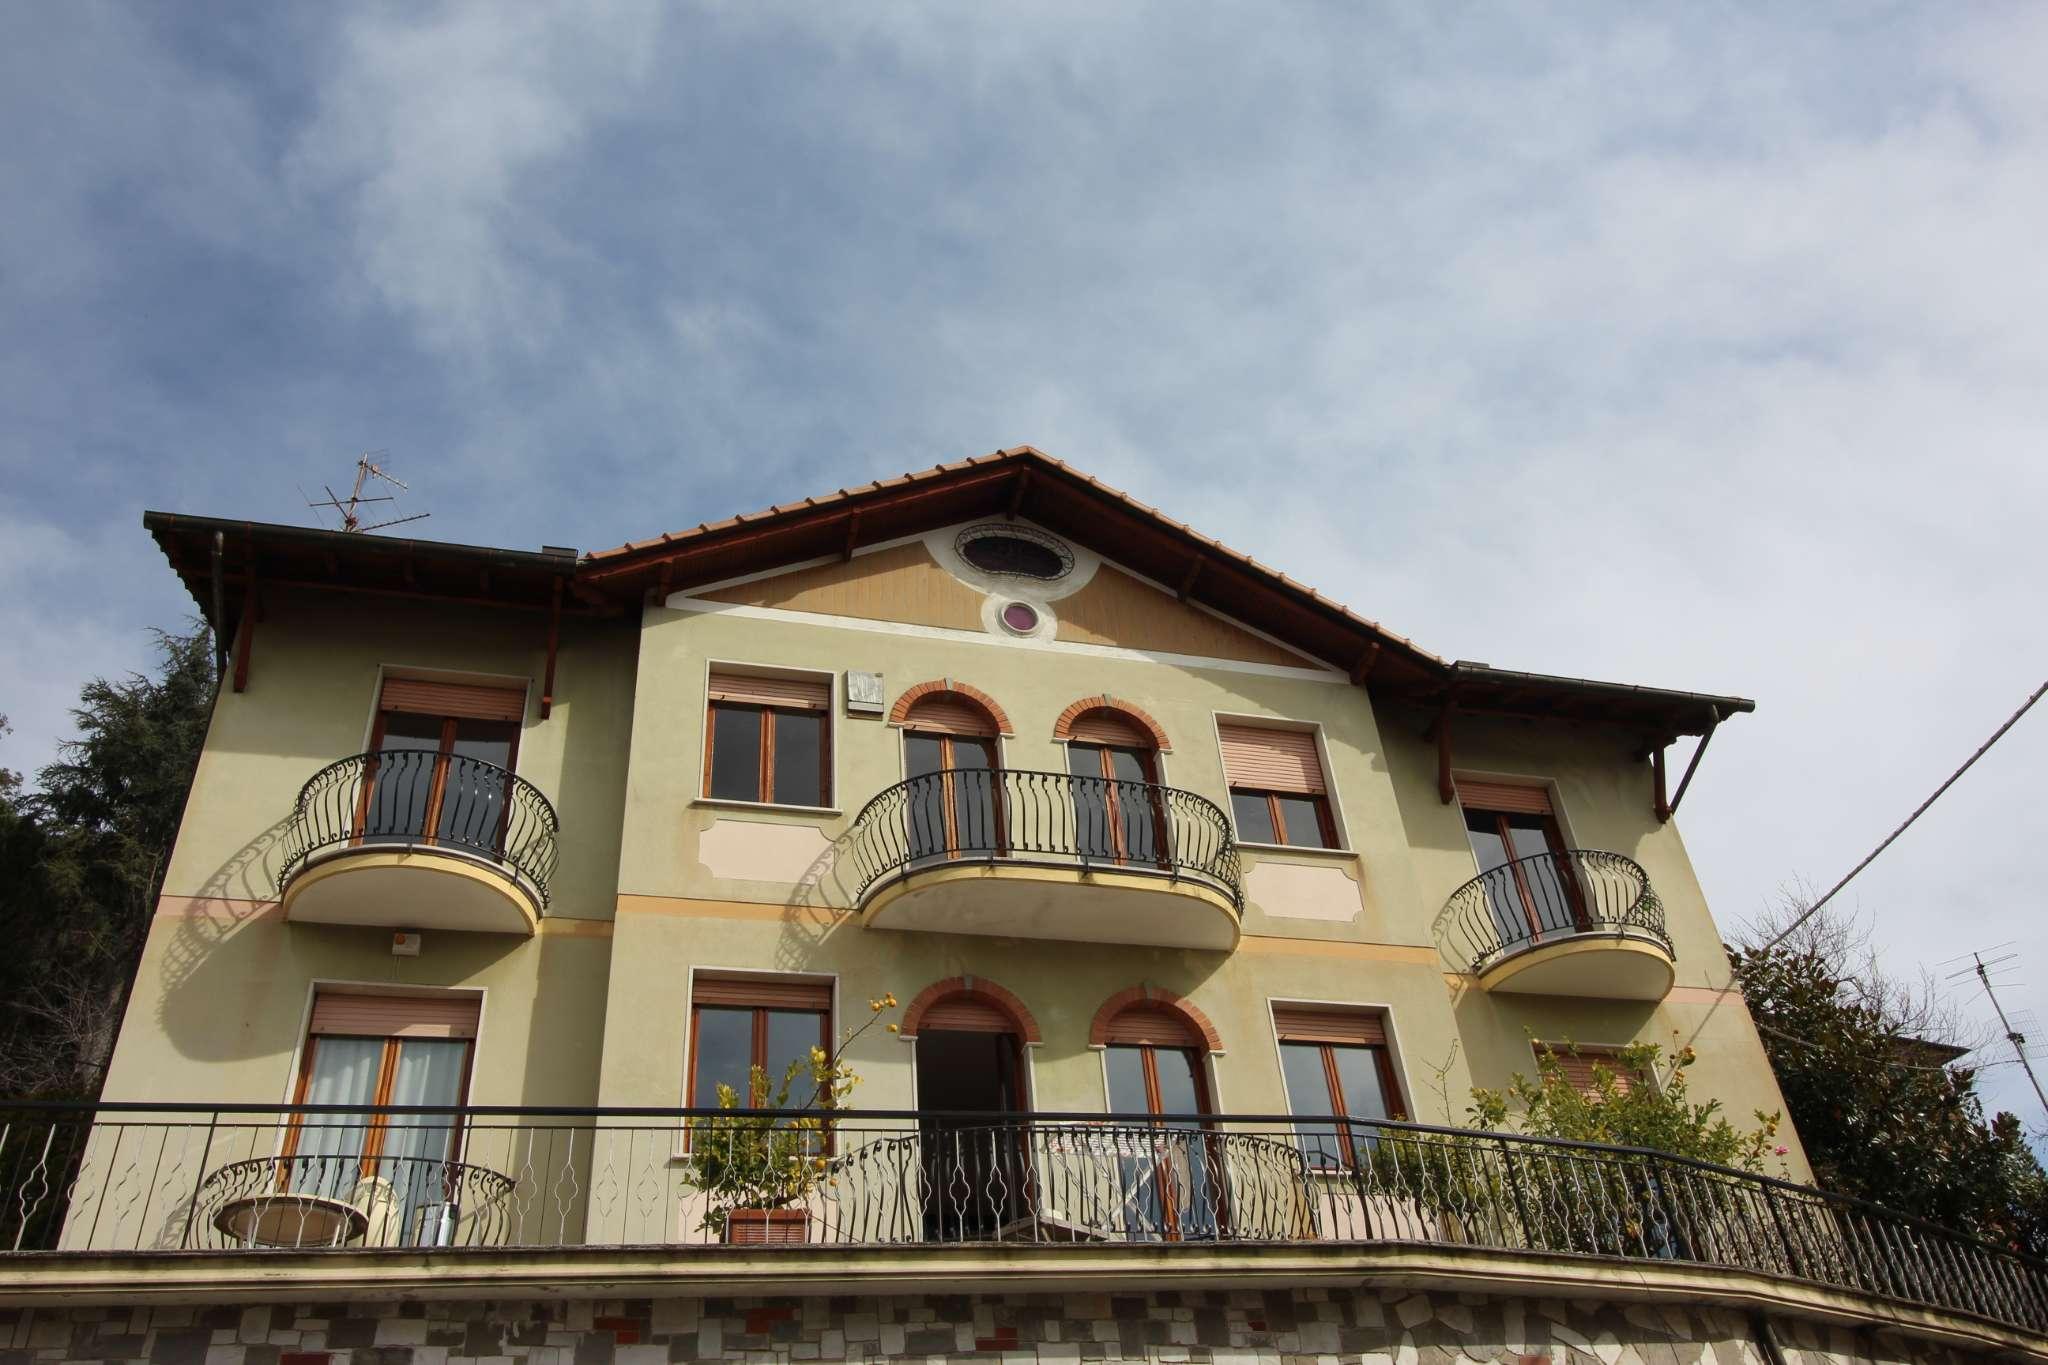 Soluzione Indipendente in vendita a Uscio, 13 locali, prezzo € 440.000   CambioCasa.it